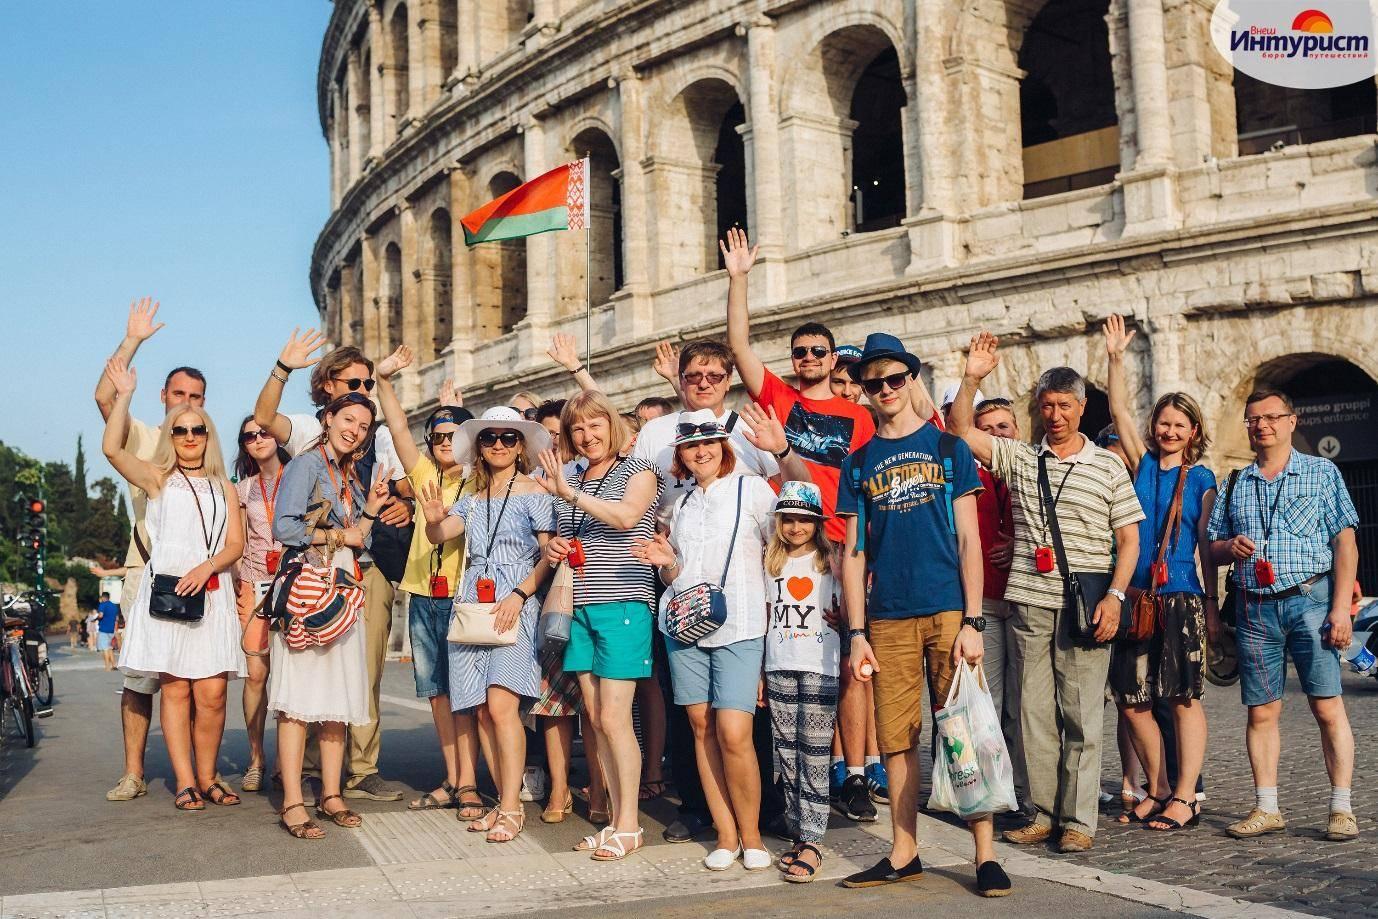 Недорогая и интересная поездка по европе: подробный план